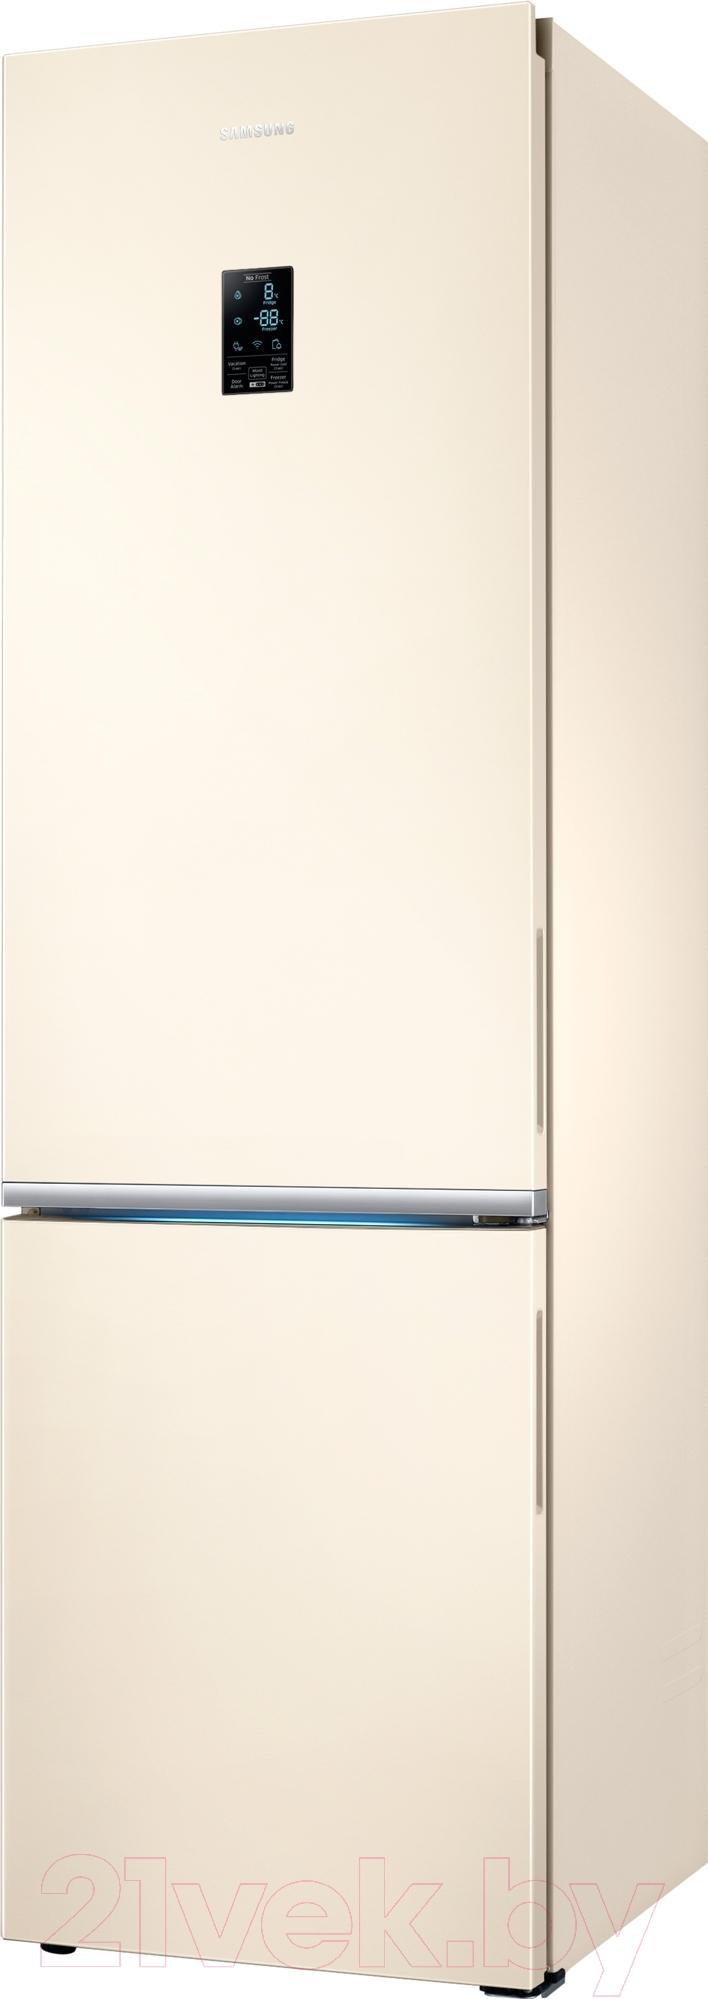 Купить Холодильник с морозильником Samsung, RB37K6220EF, Польша